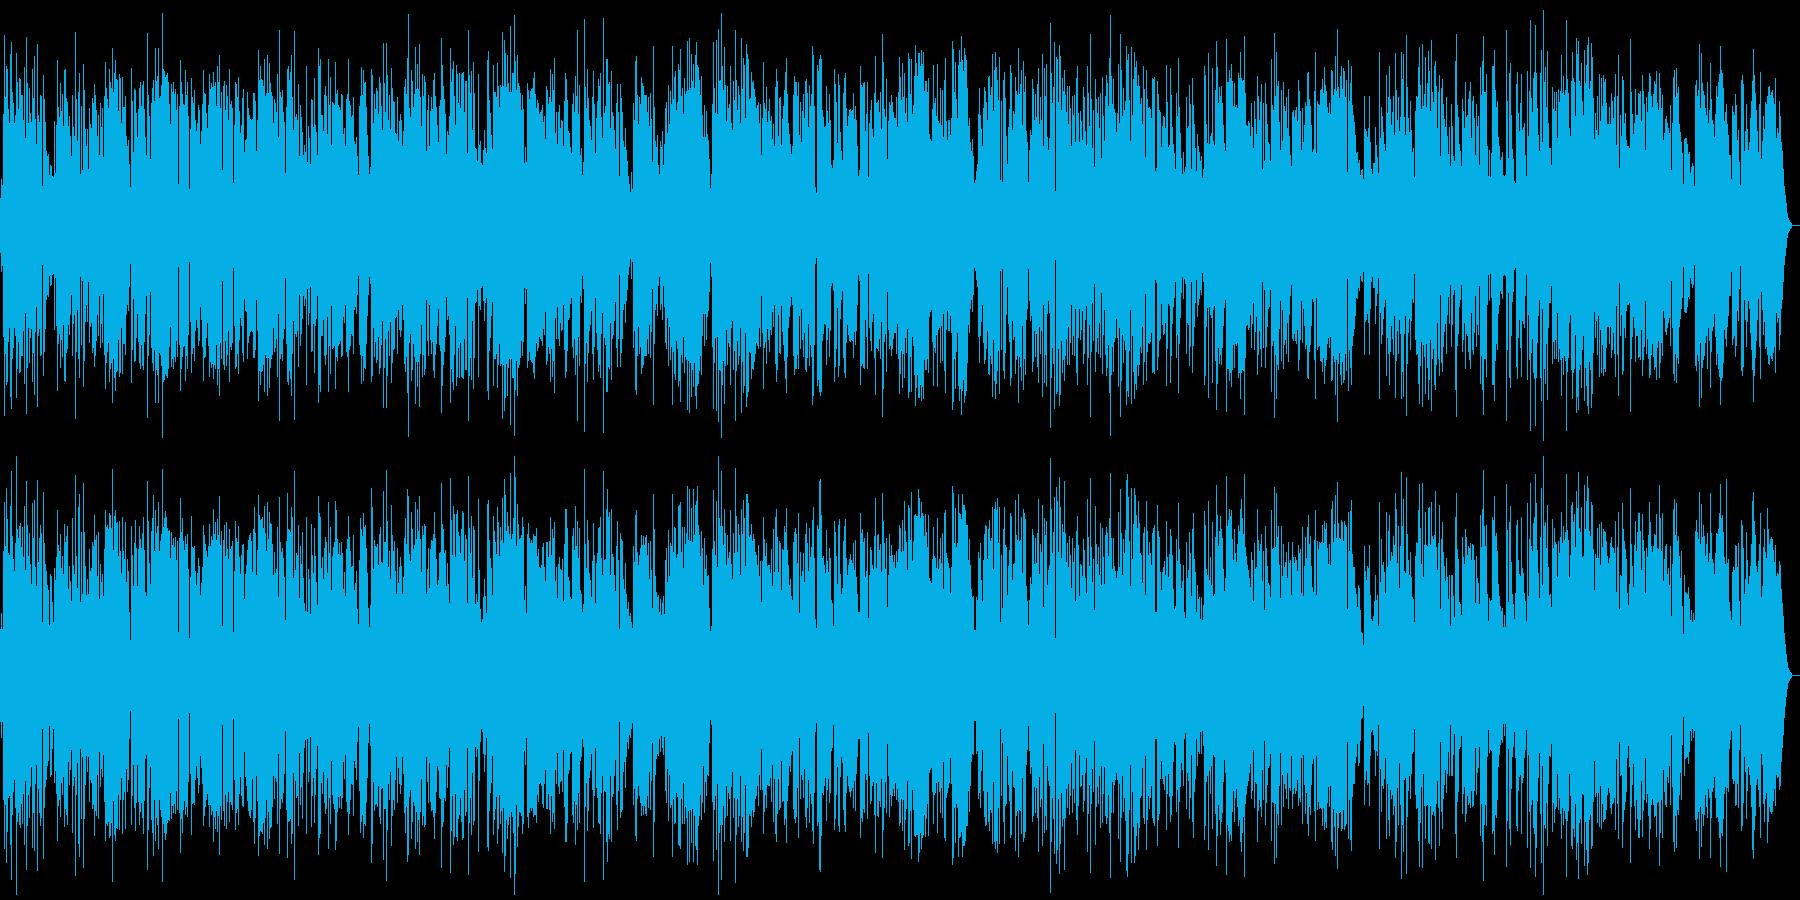 ギター・お洒落なジャズ/オープニング等にの再生済みの波形